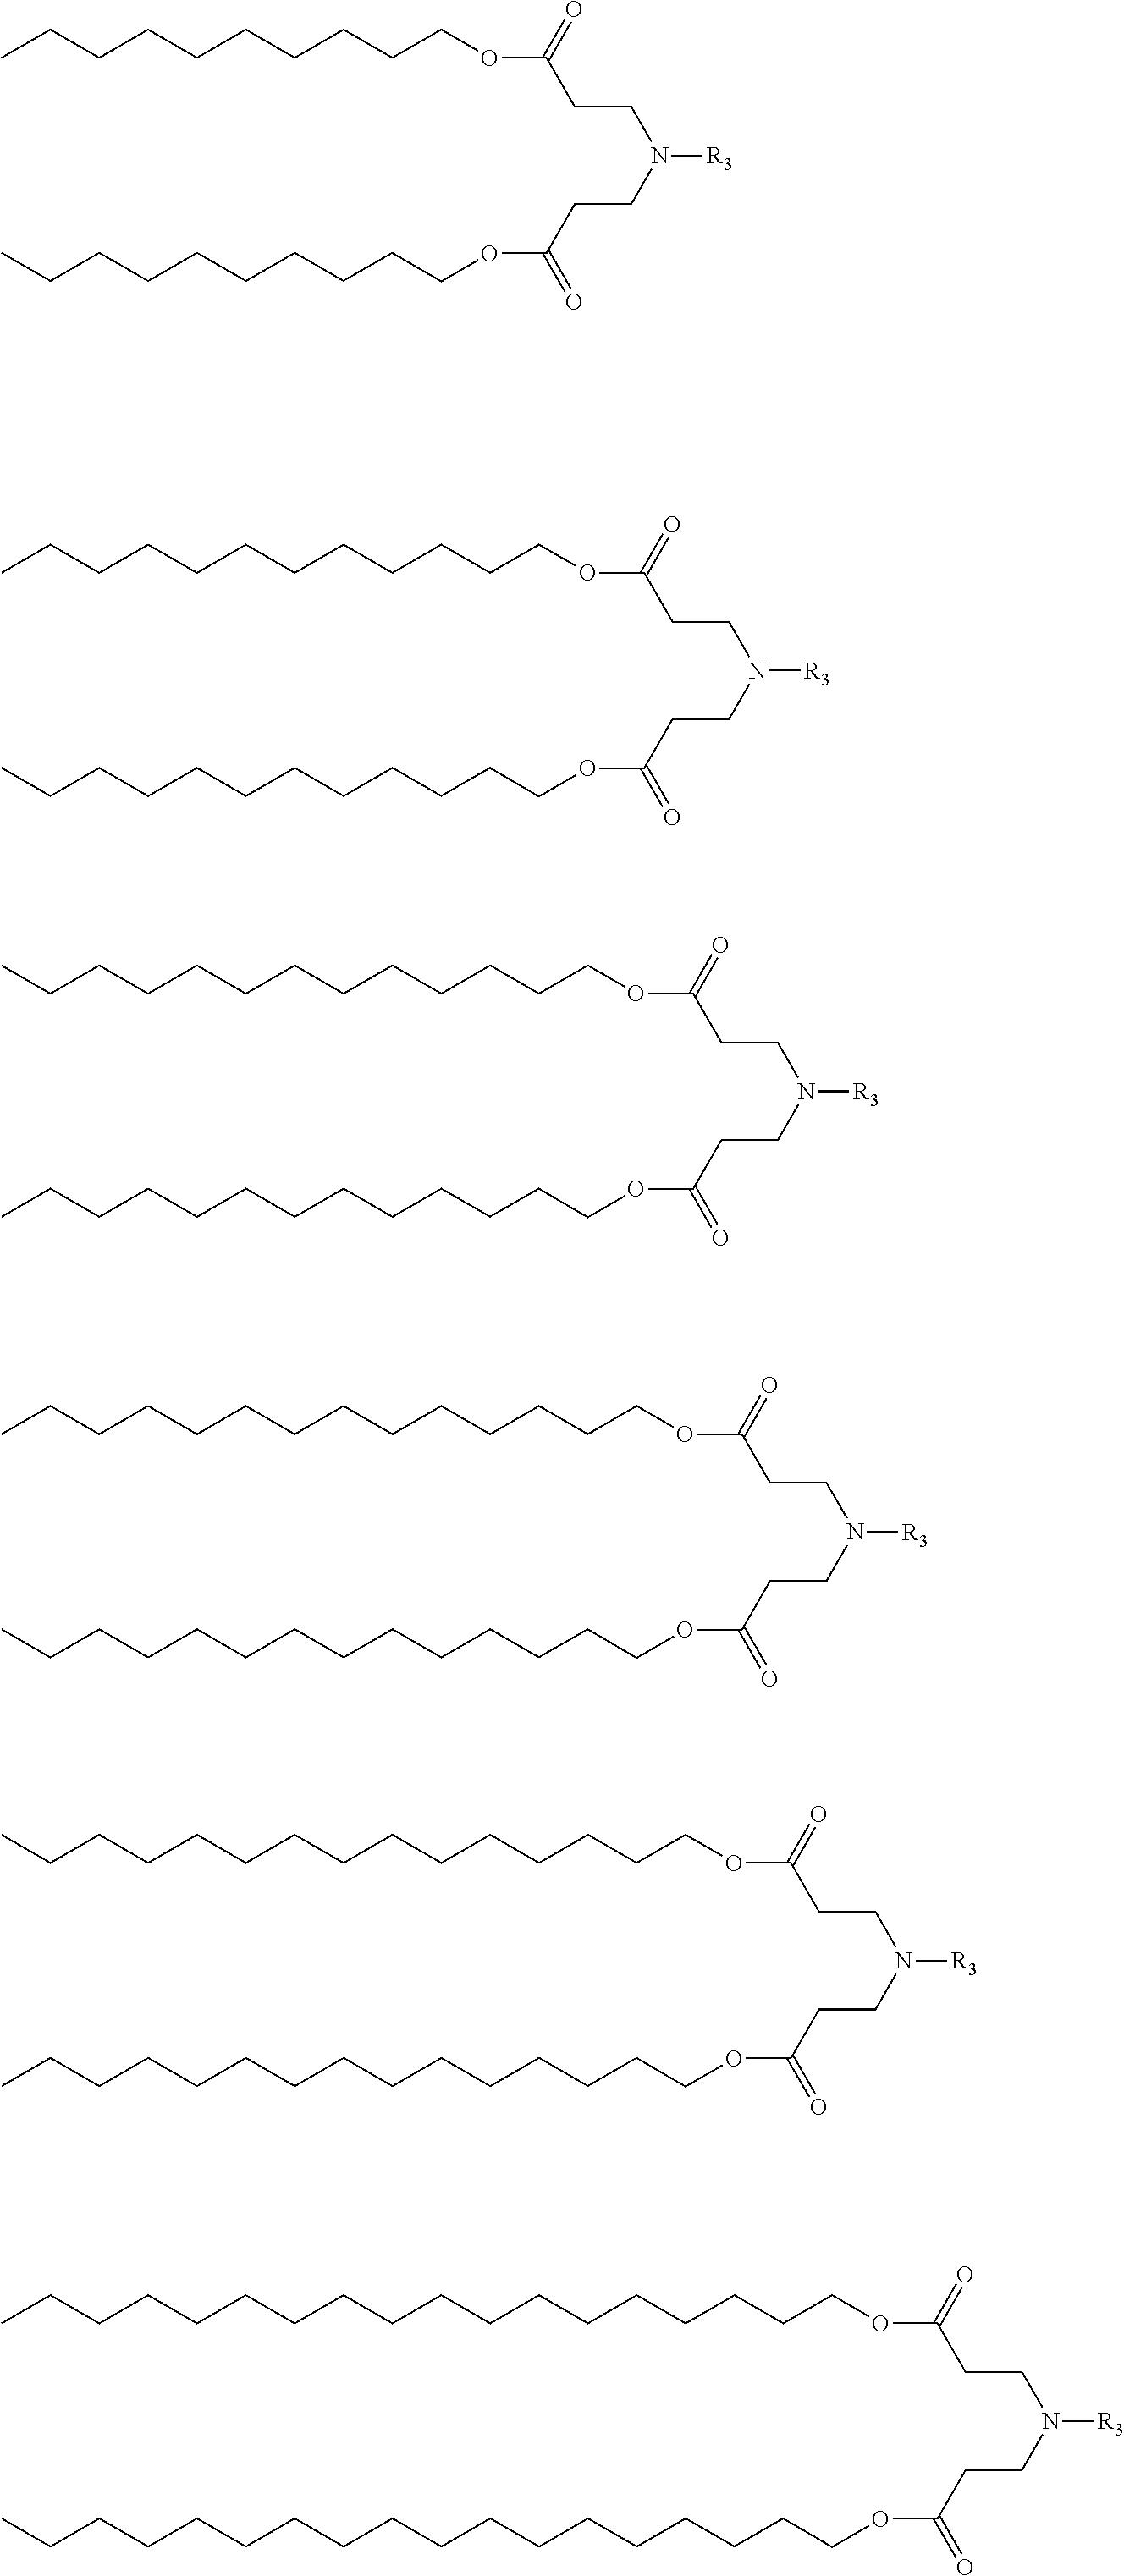 Figure US20110009641A1-20110113-C00014